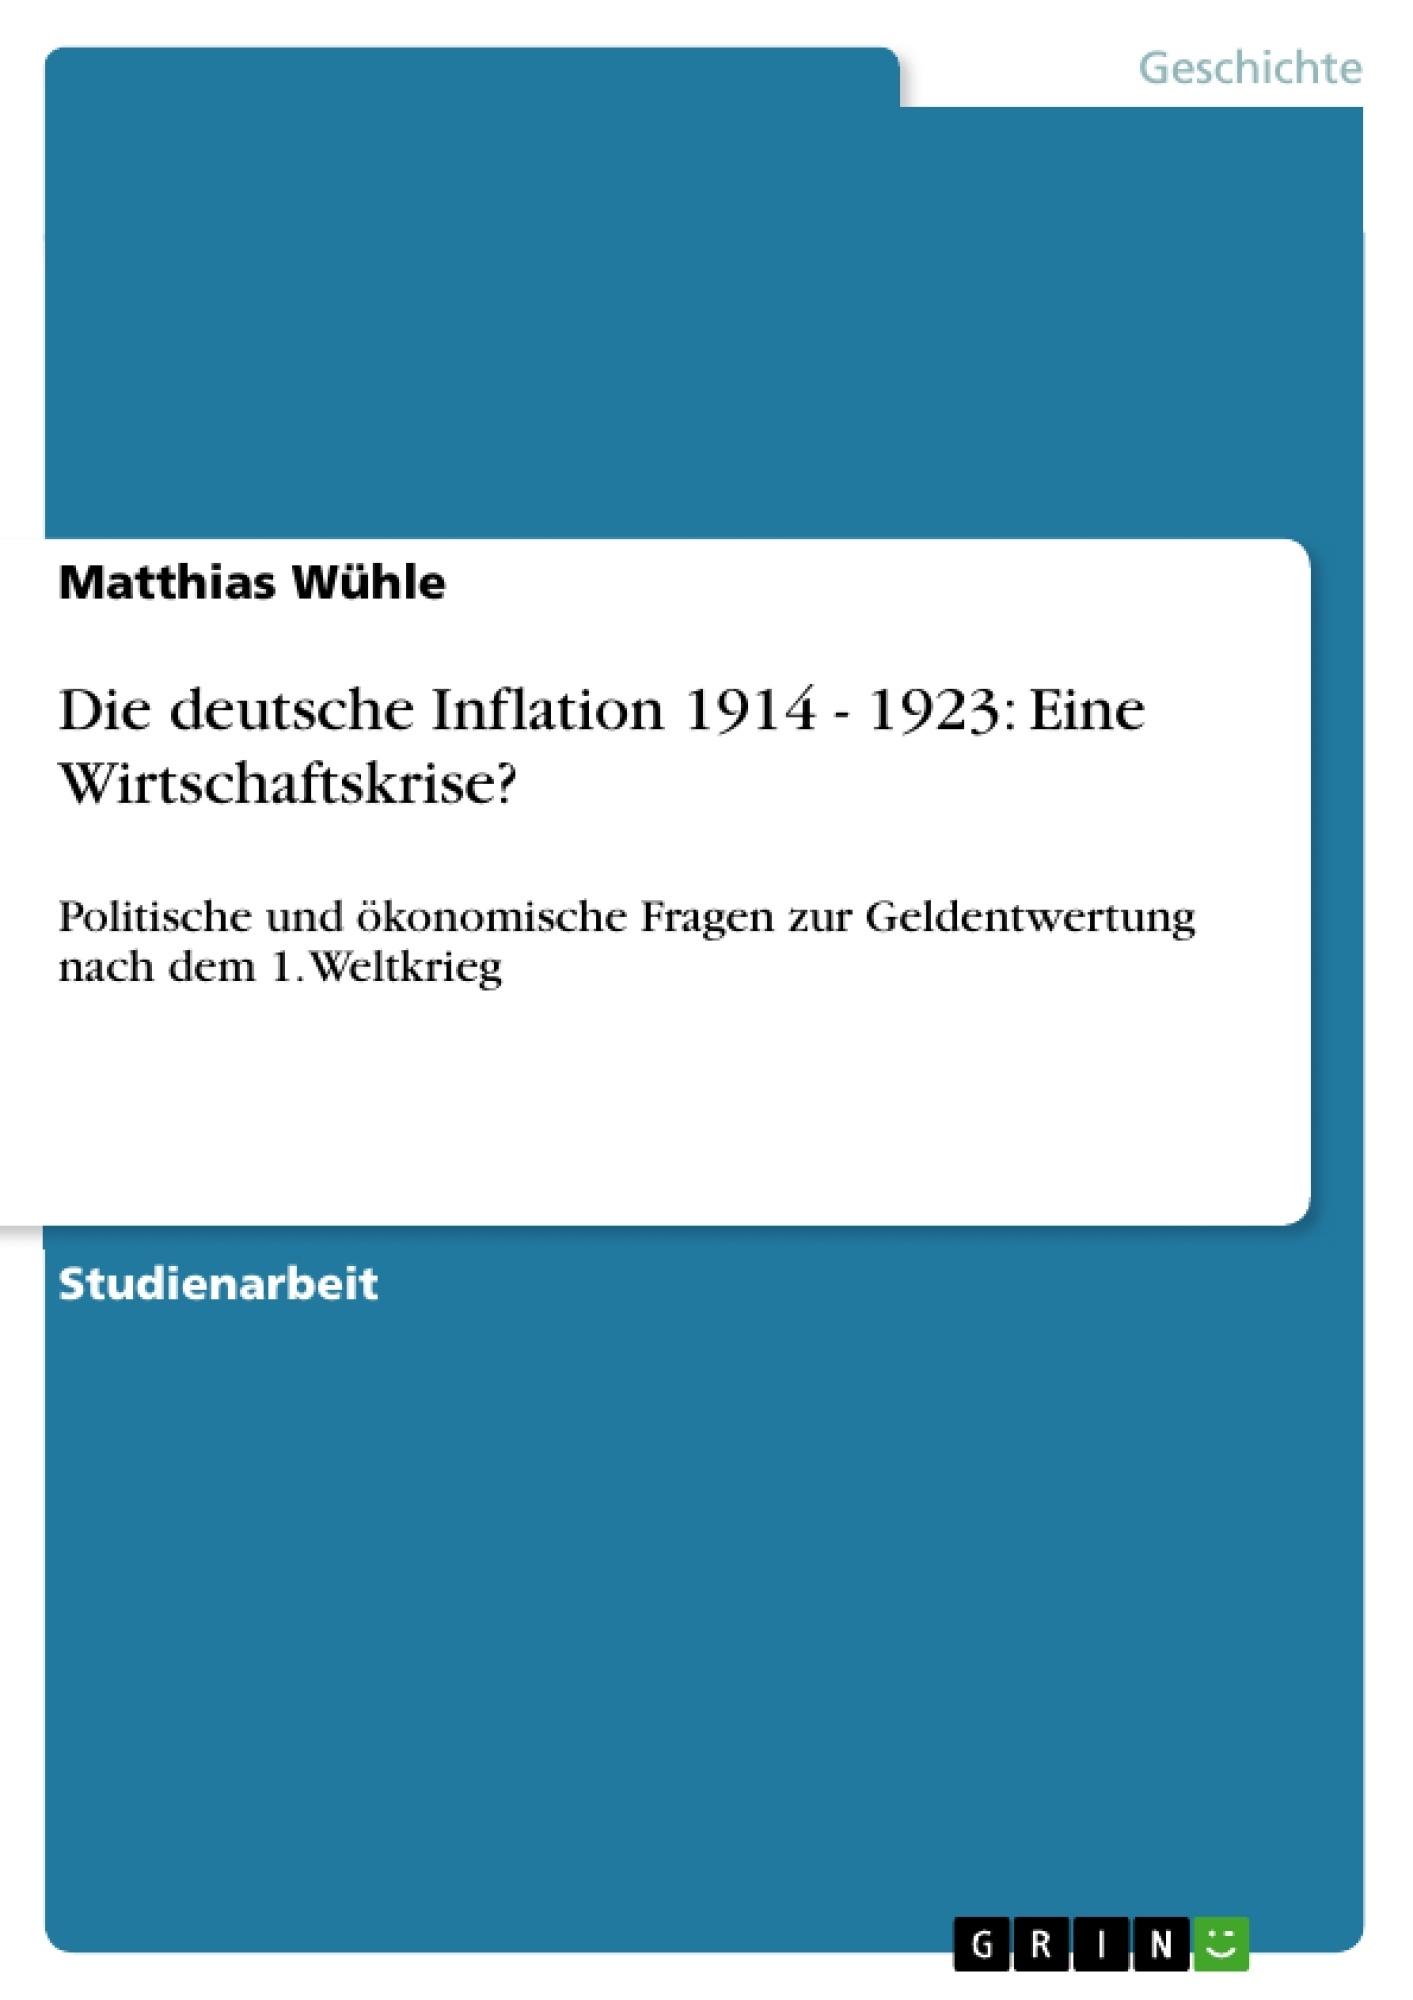 Titel: Die deutsche Inflation 1914 - 1923: Eine Wirtschaftskrise?